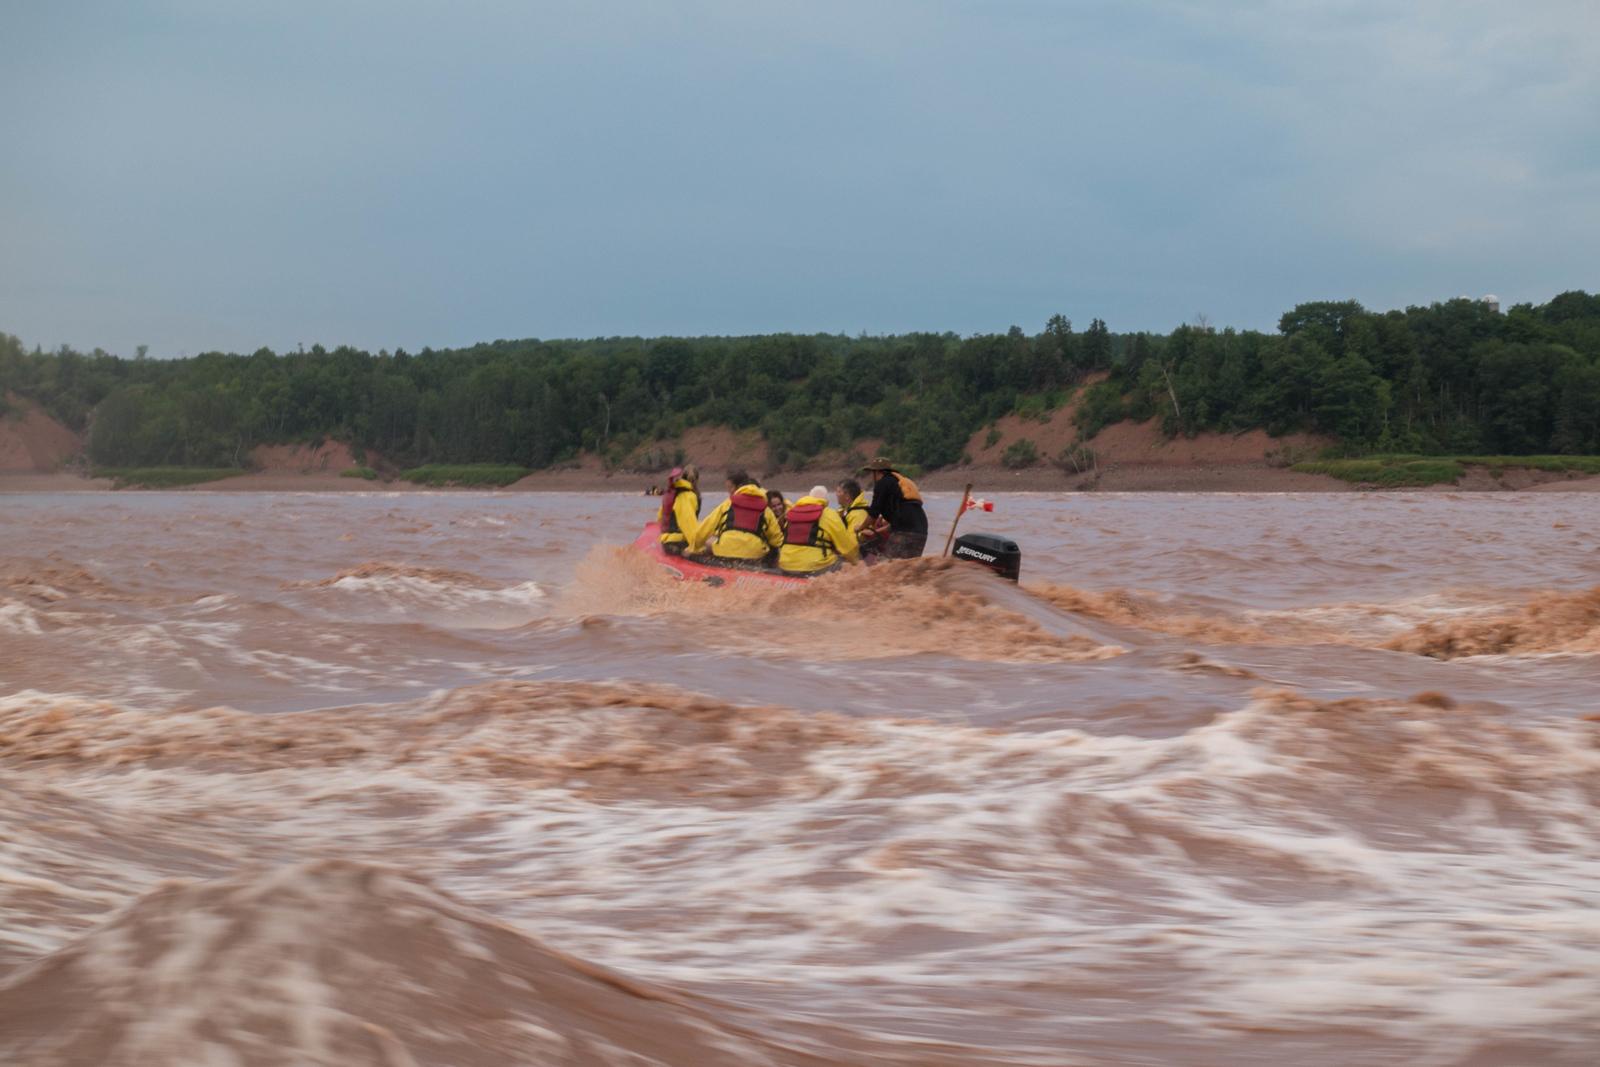 tidal-bore-rafting-nova-scotia-canada